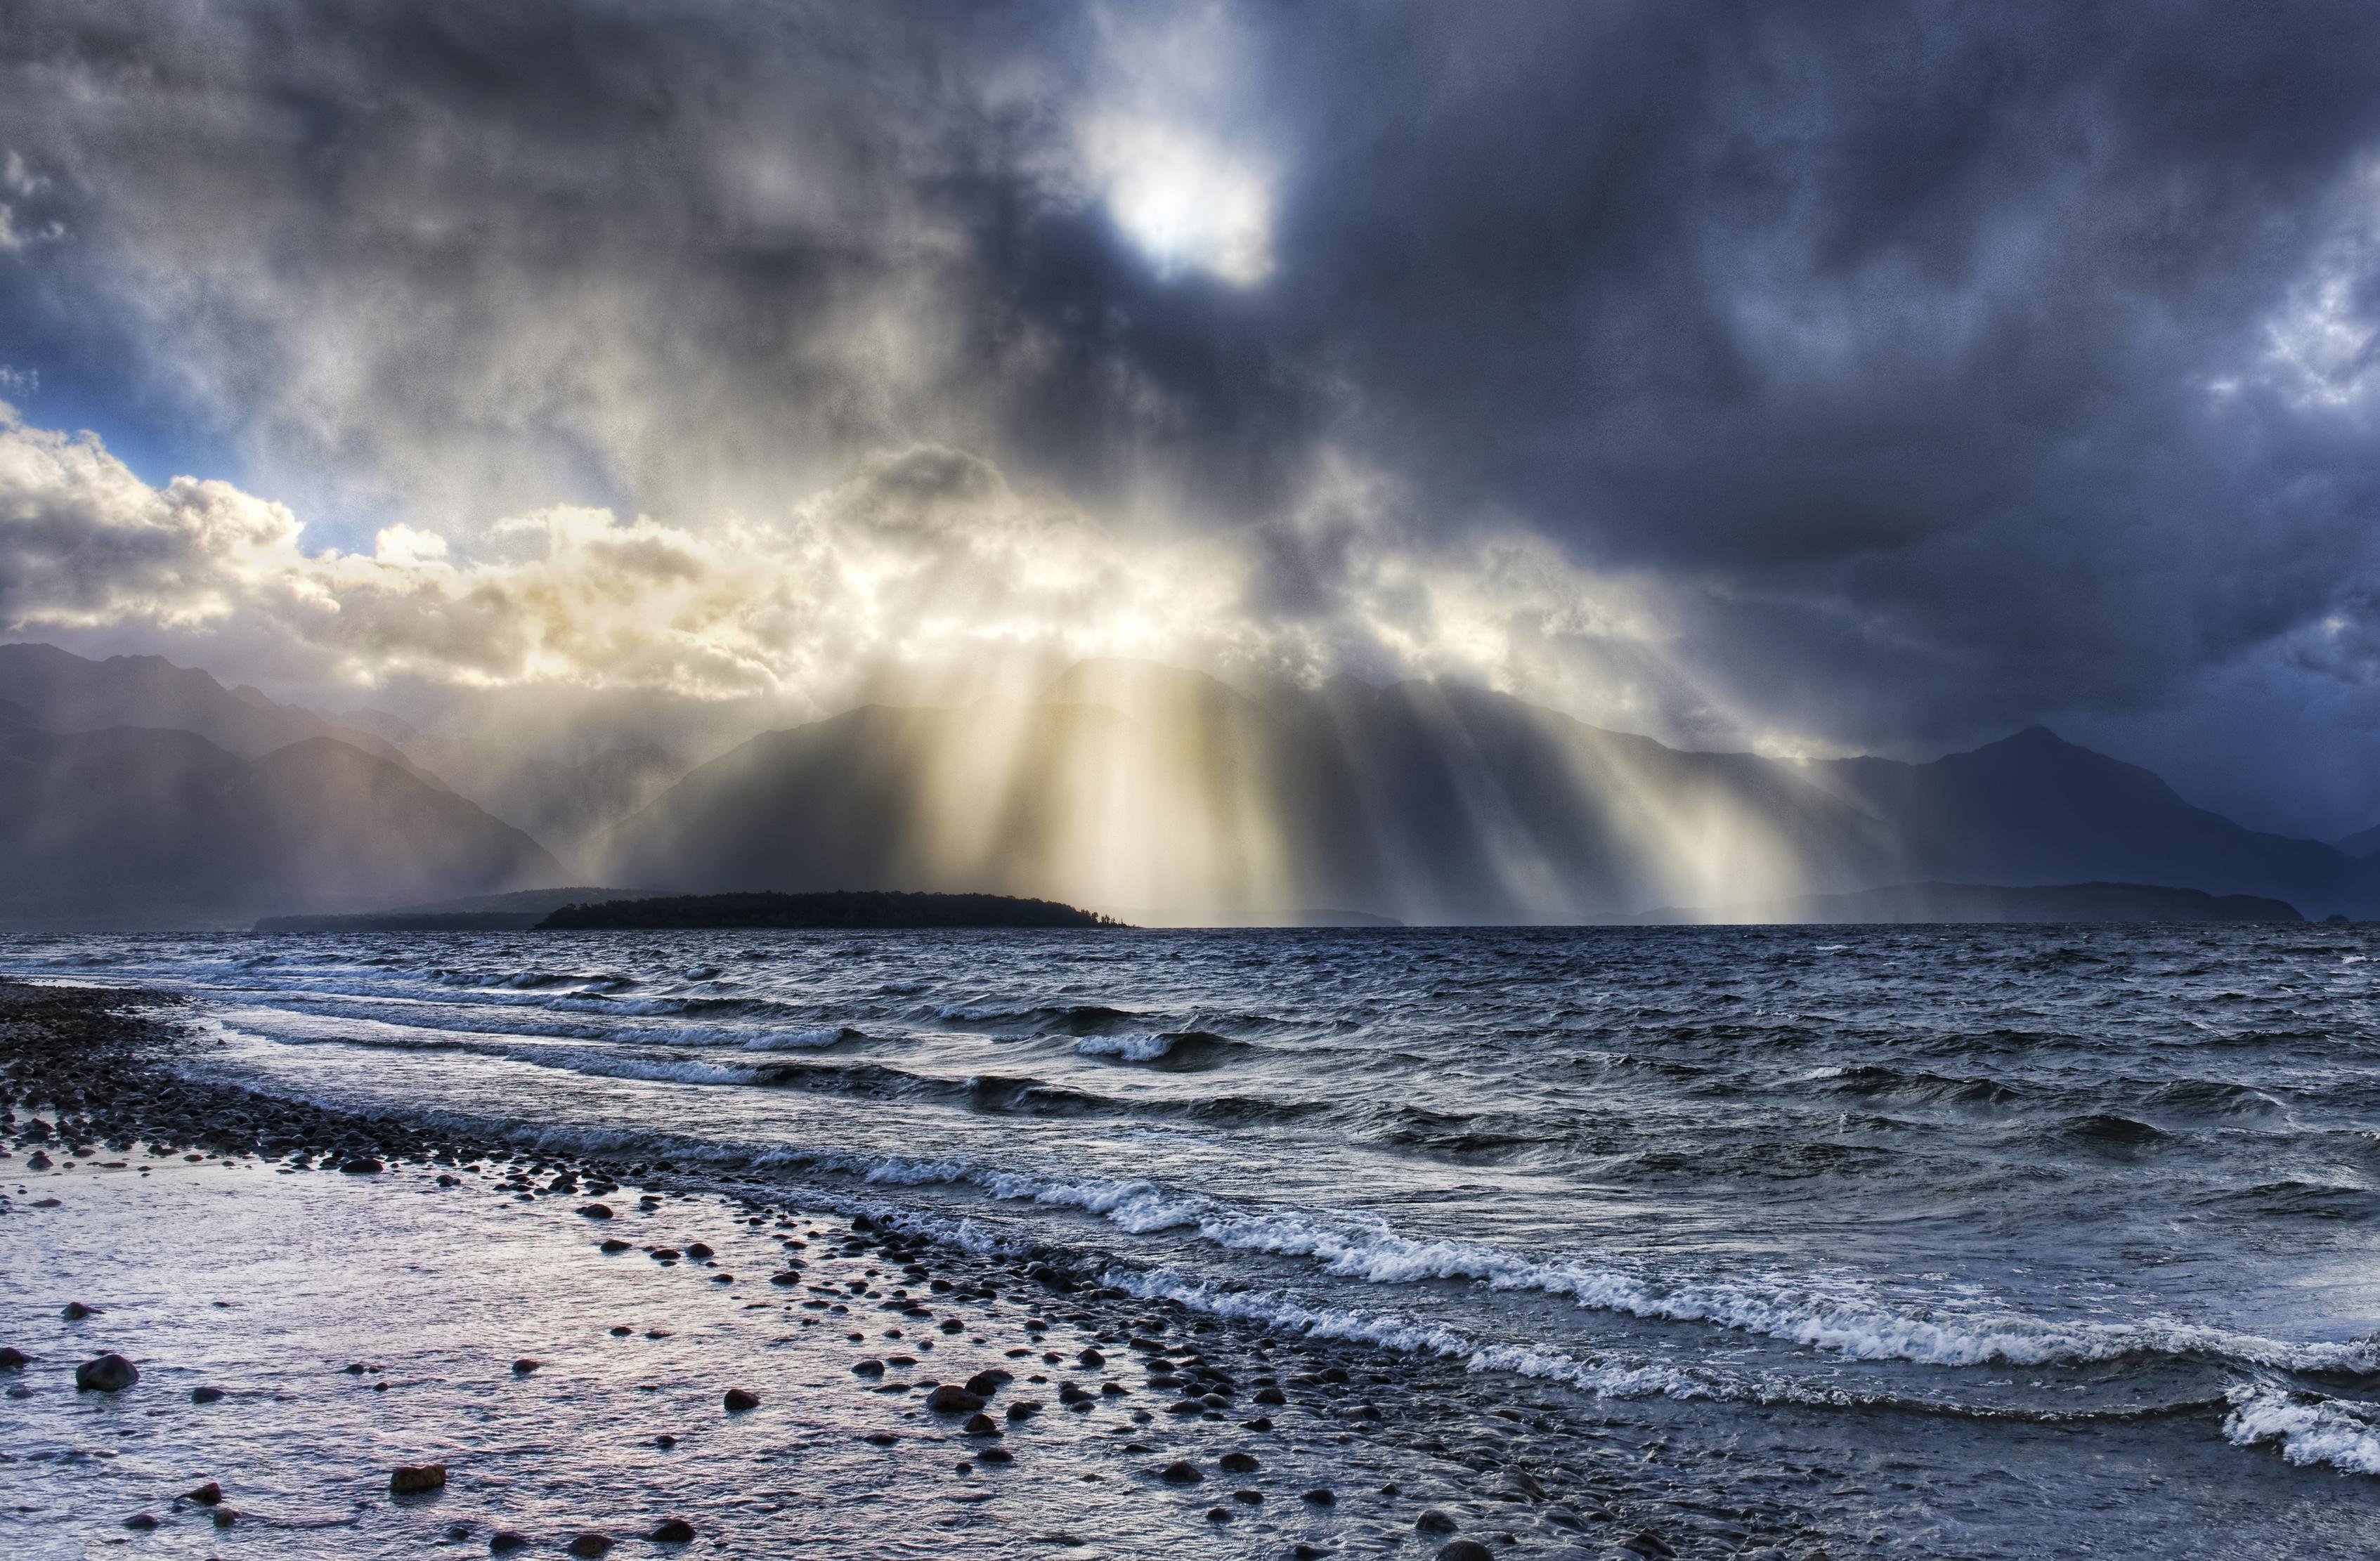 шторм солнце картинки можете быть